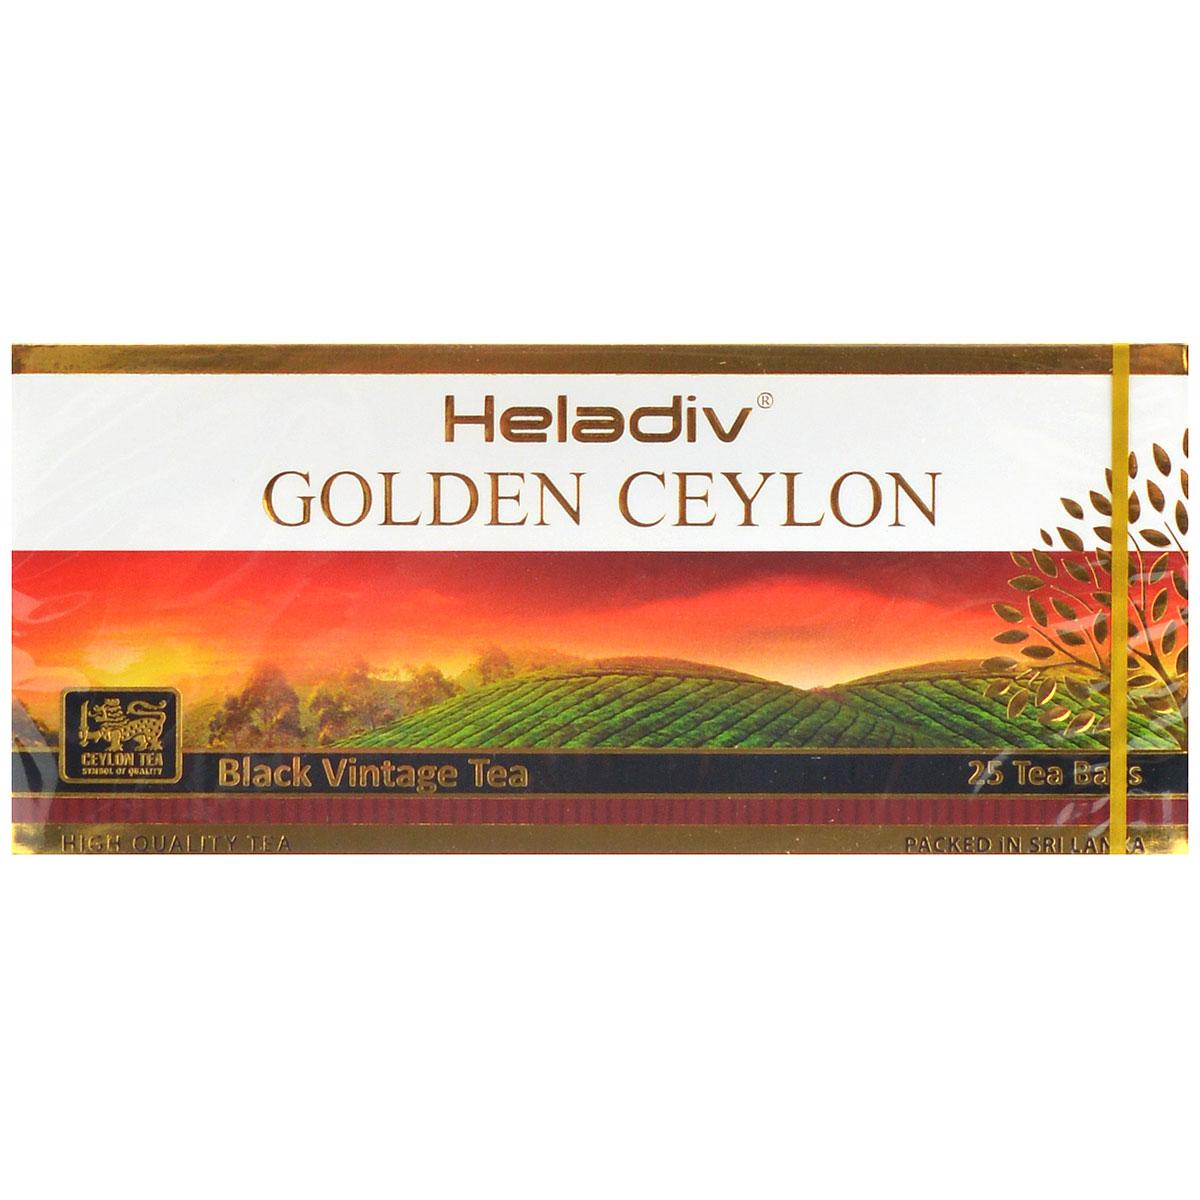 Heladiv Golden Ceylon Vintage Black черный пакетированный чай, 25 пакетиков0120710Heladiv Golden Ceylon Vintage Black - черный цейлонский чай в пакетиках для разовой заварки.